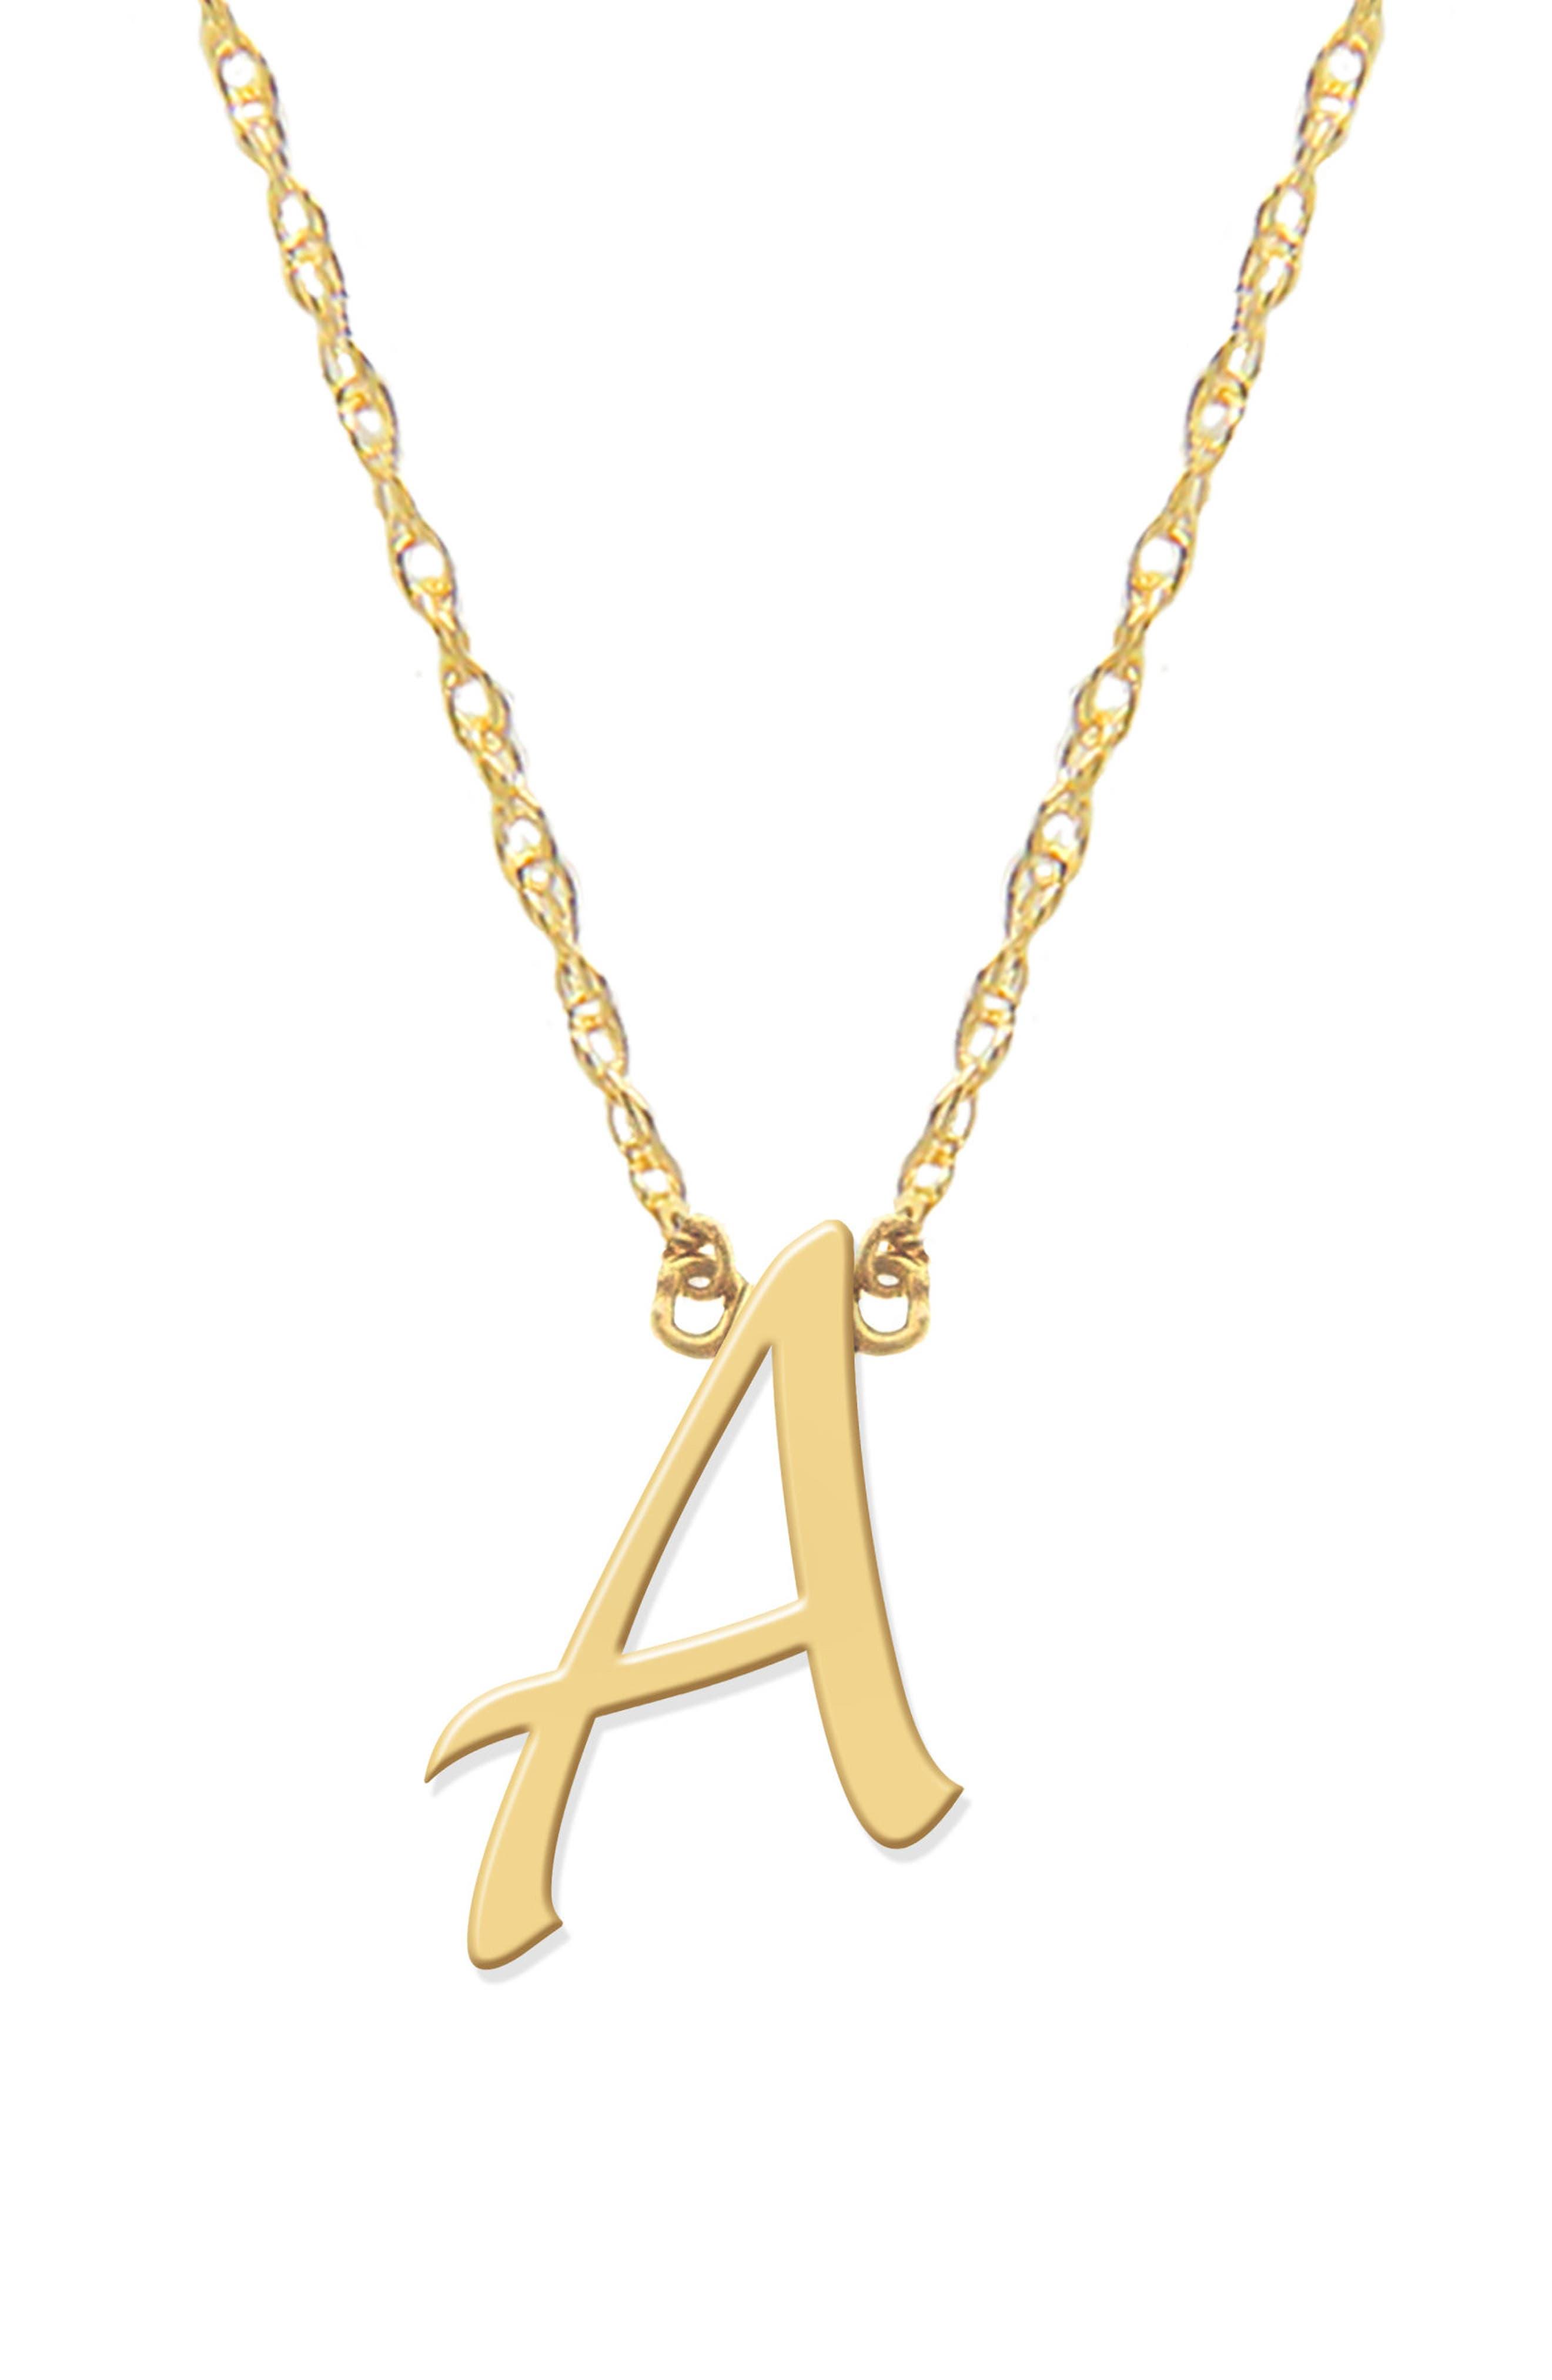 Script Initial Pendant Necklace,                         Main,                         color, Gold- A